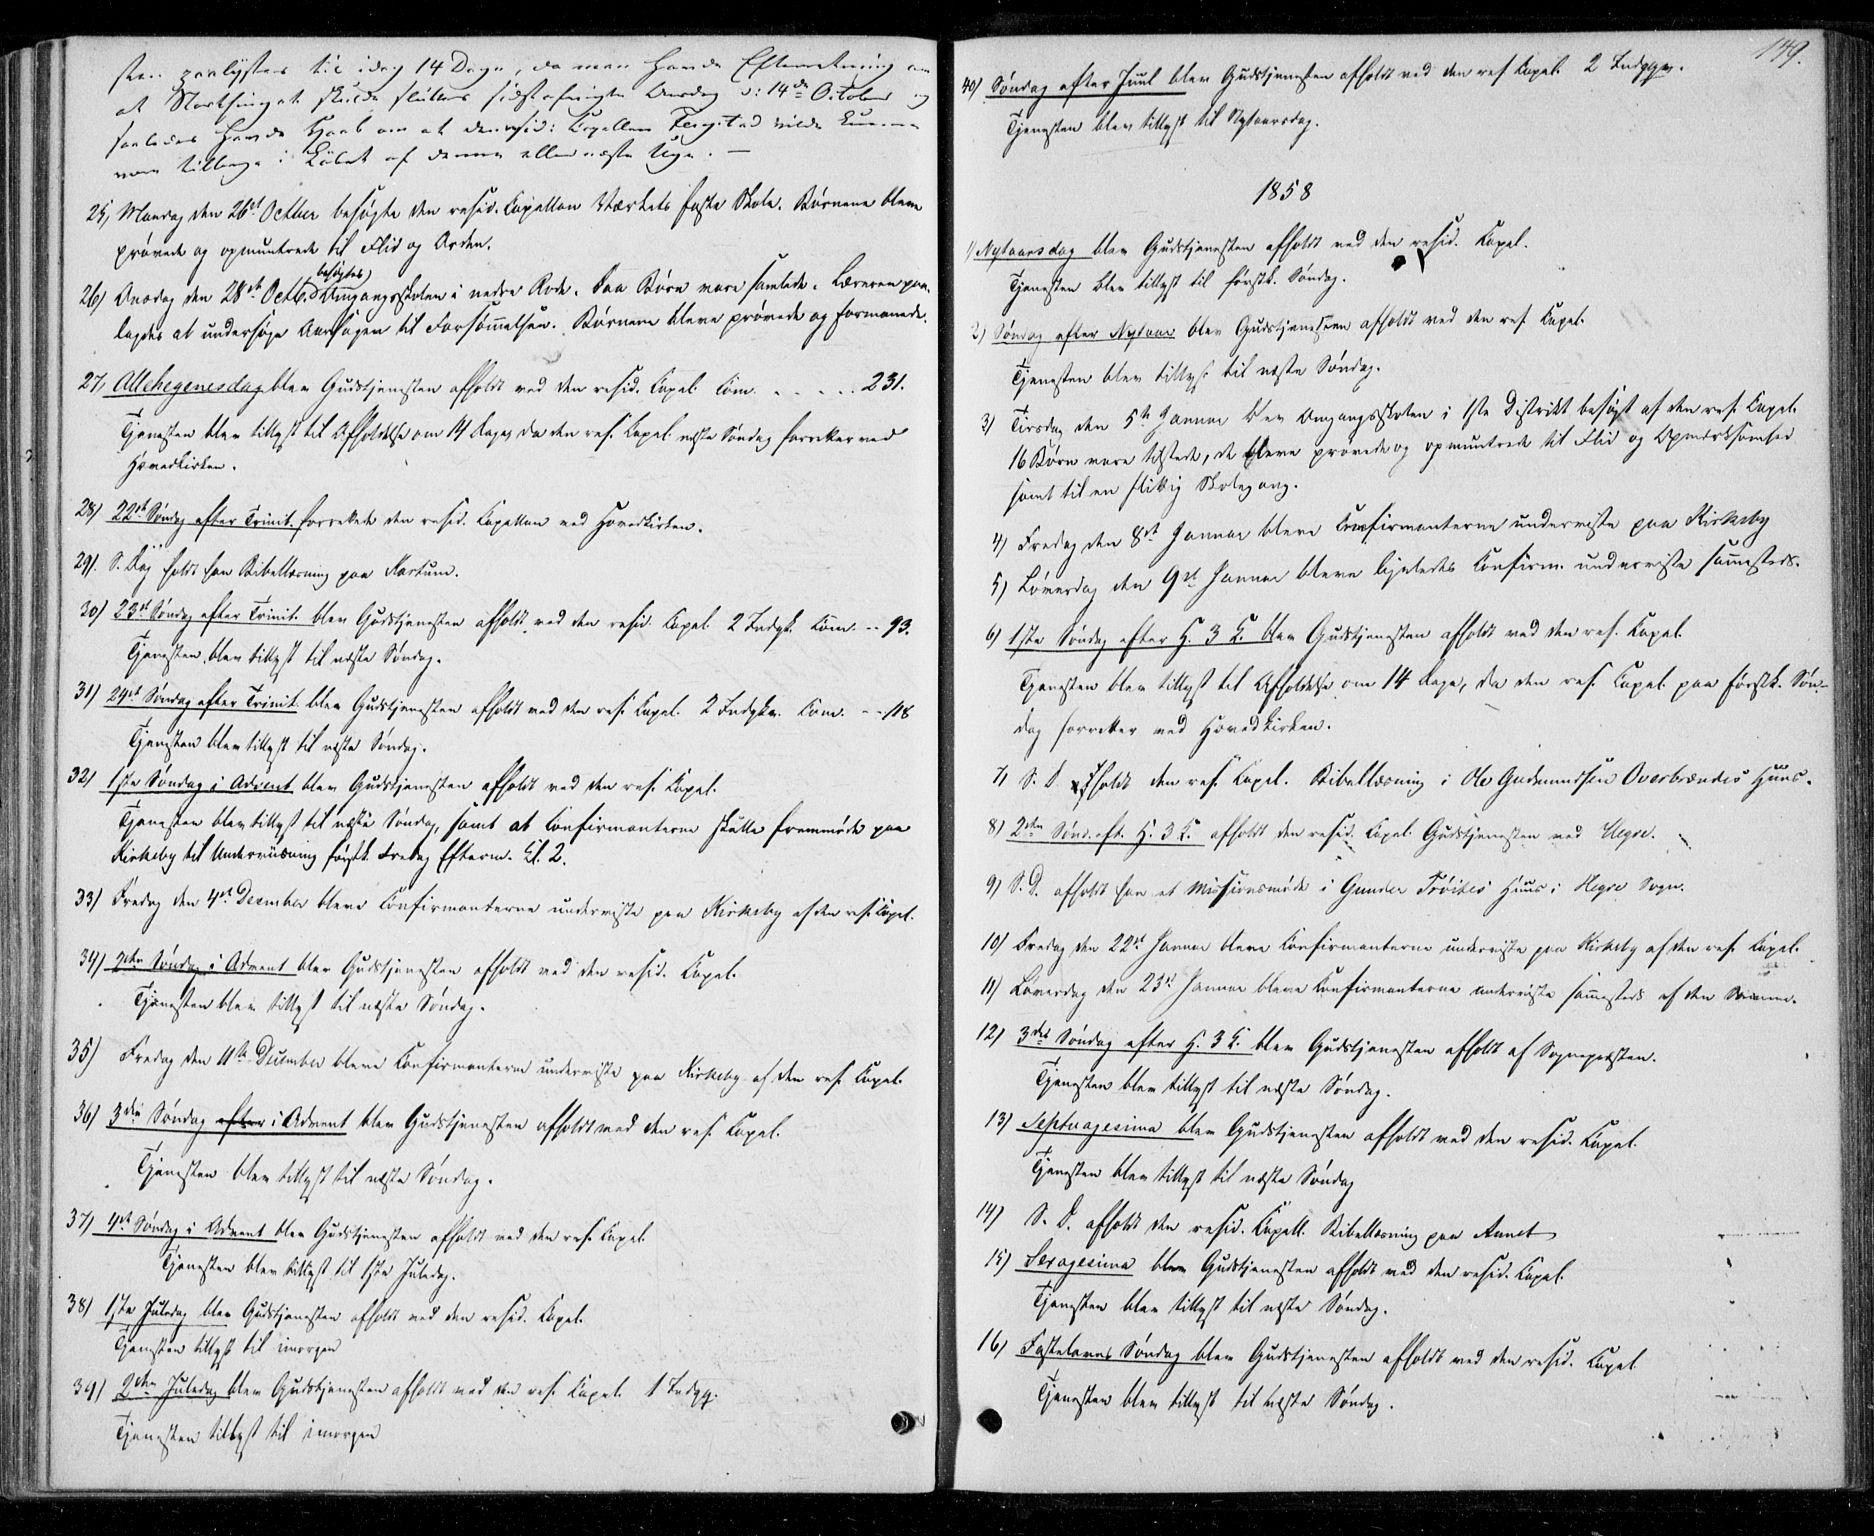 SAT, Ministerialprotokoller, klokkerbøker og fødselsregistre - Nord-Trøndelag, 706/L0040: Parish register (official) no. 706A01, 1850-1861, p. 149